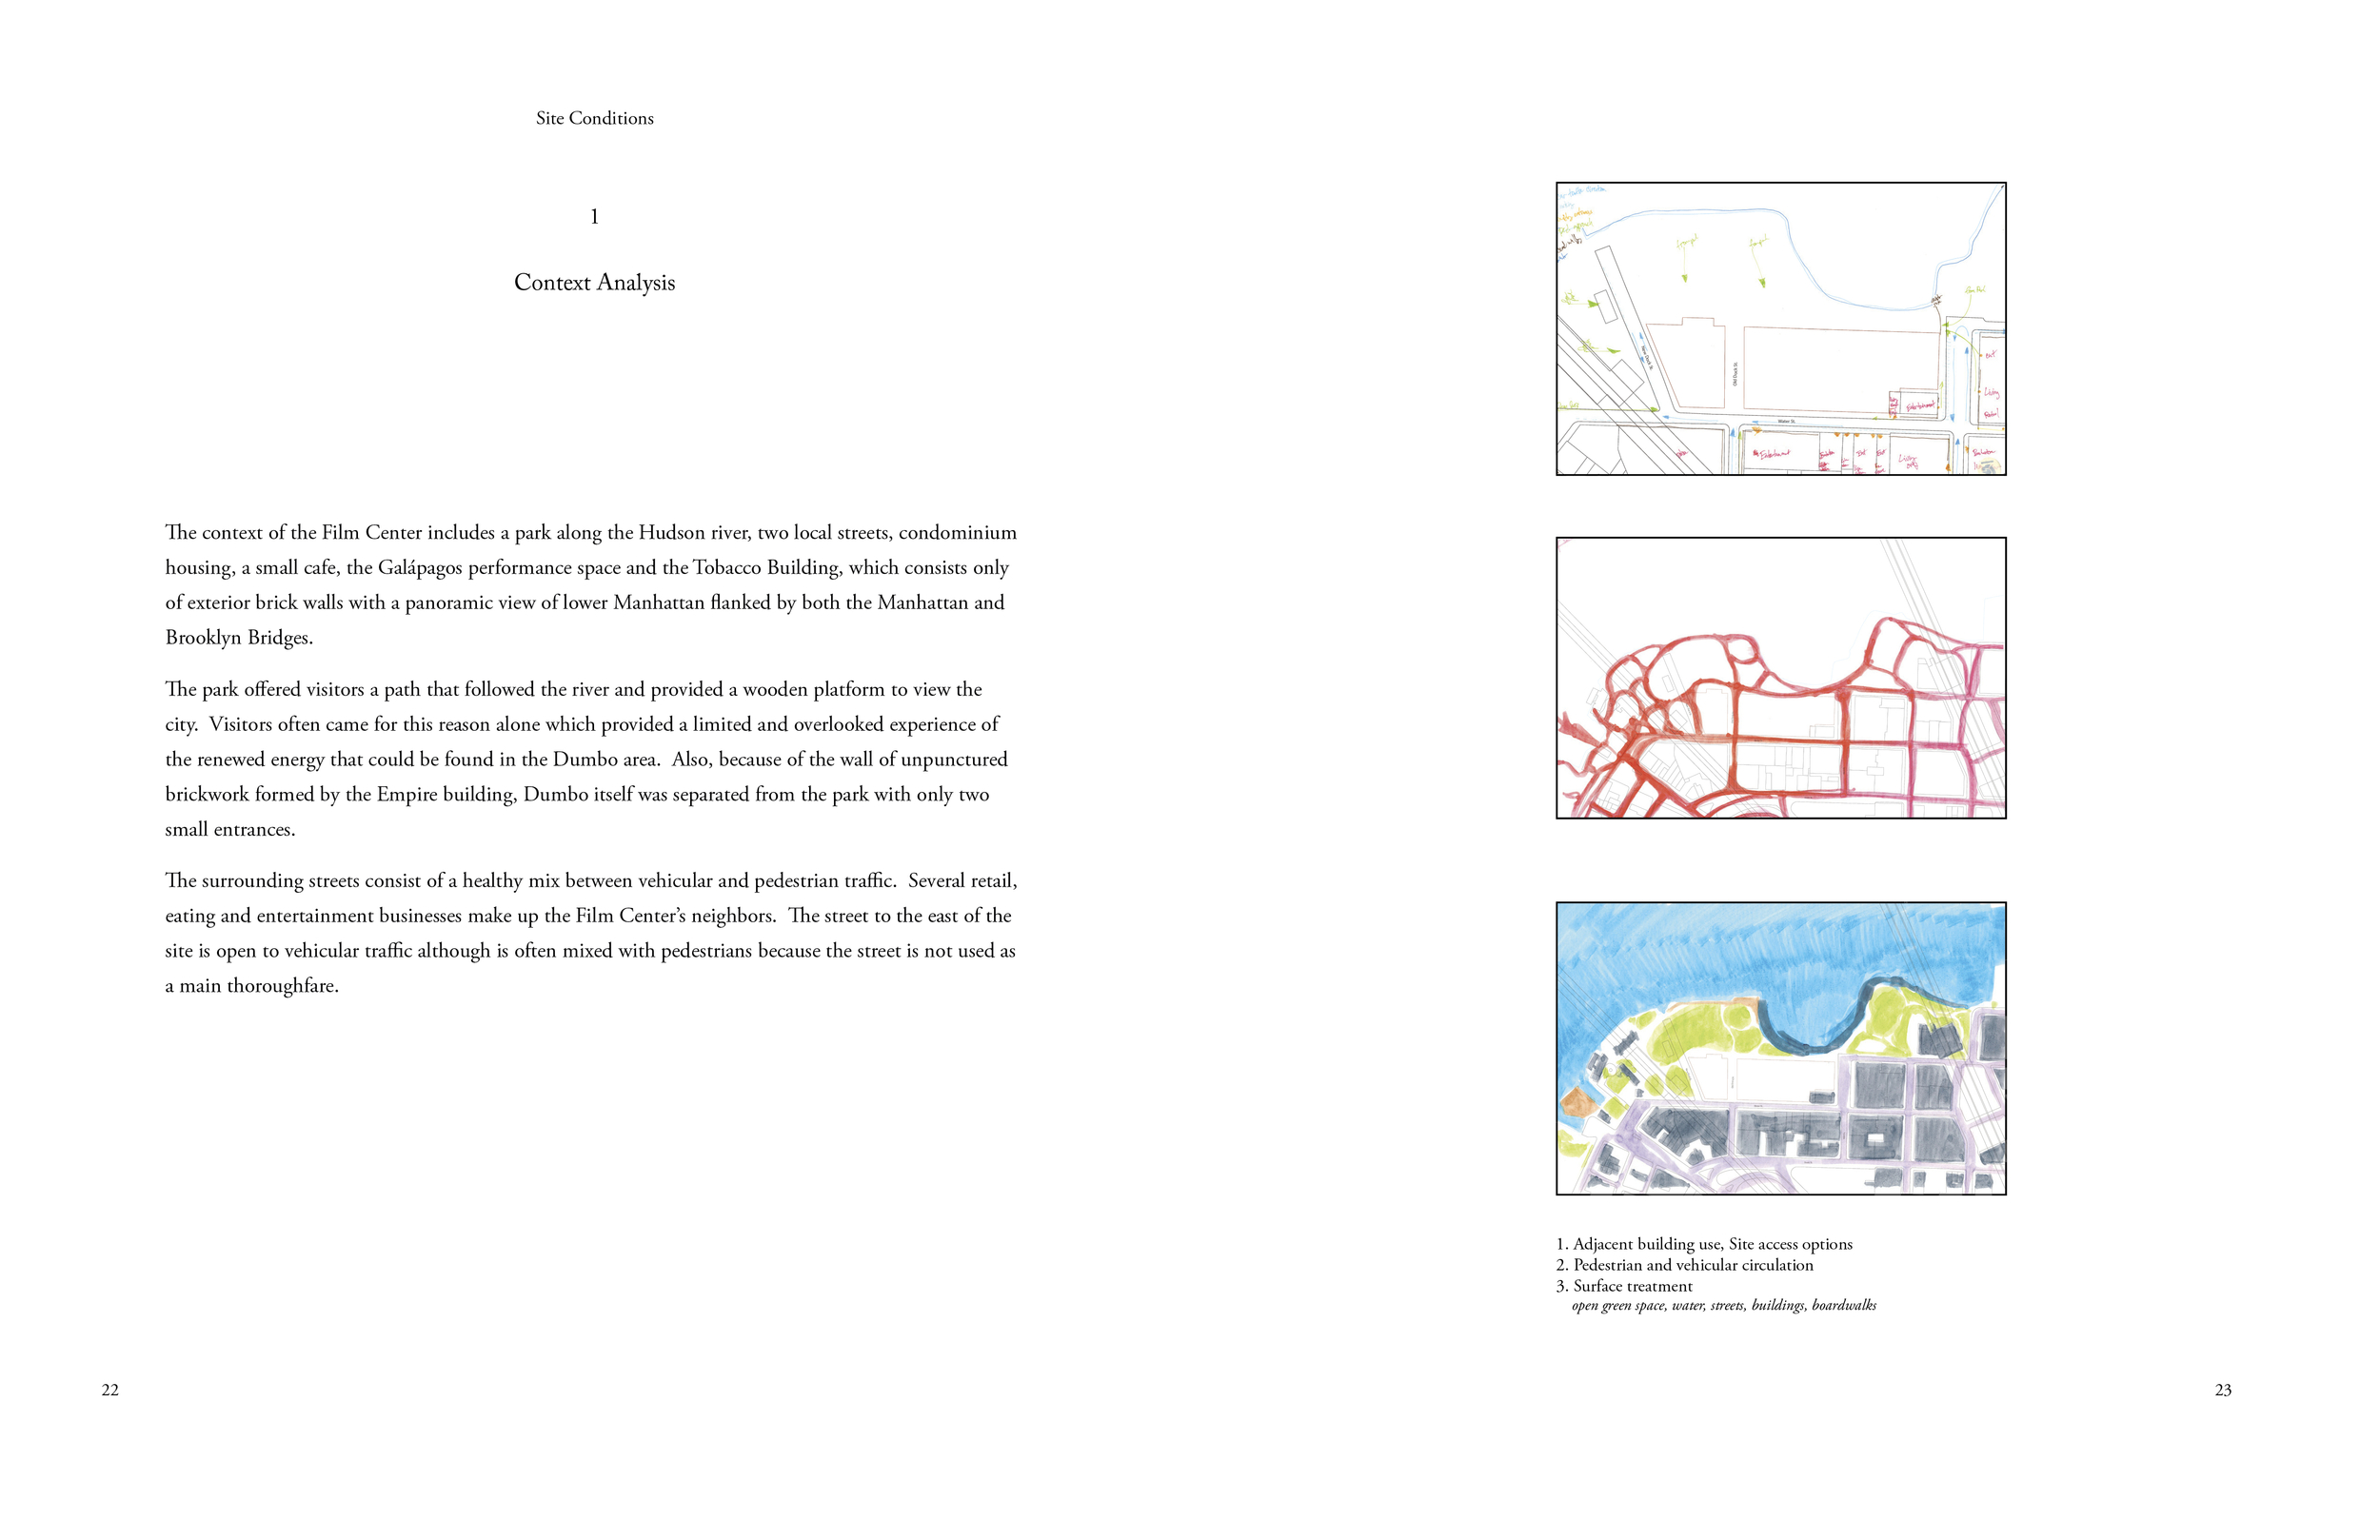 FILM CENTER - BOOK 2 012.jpg